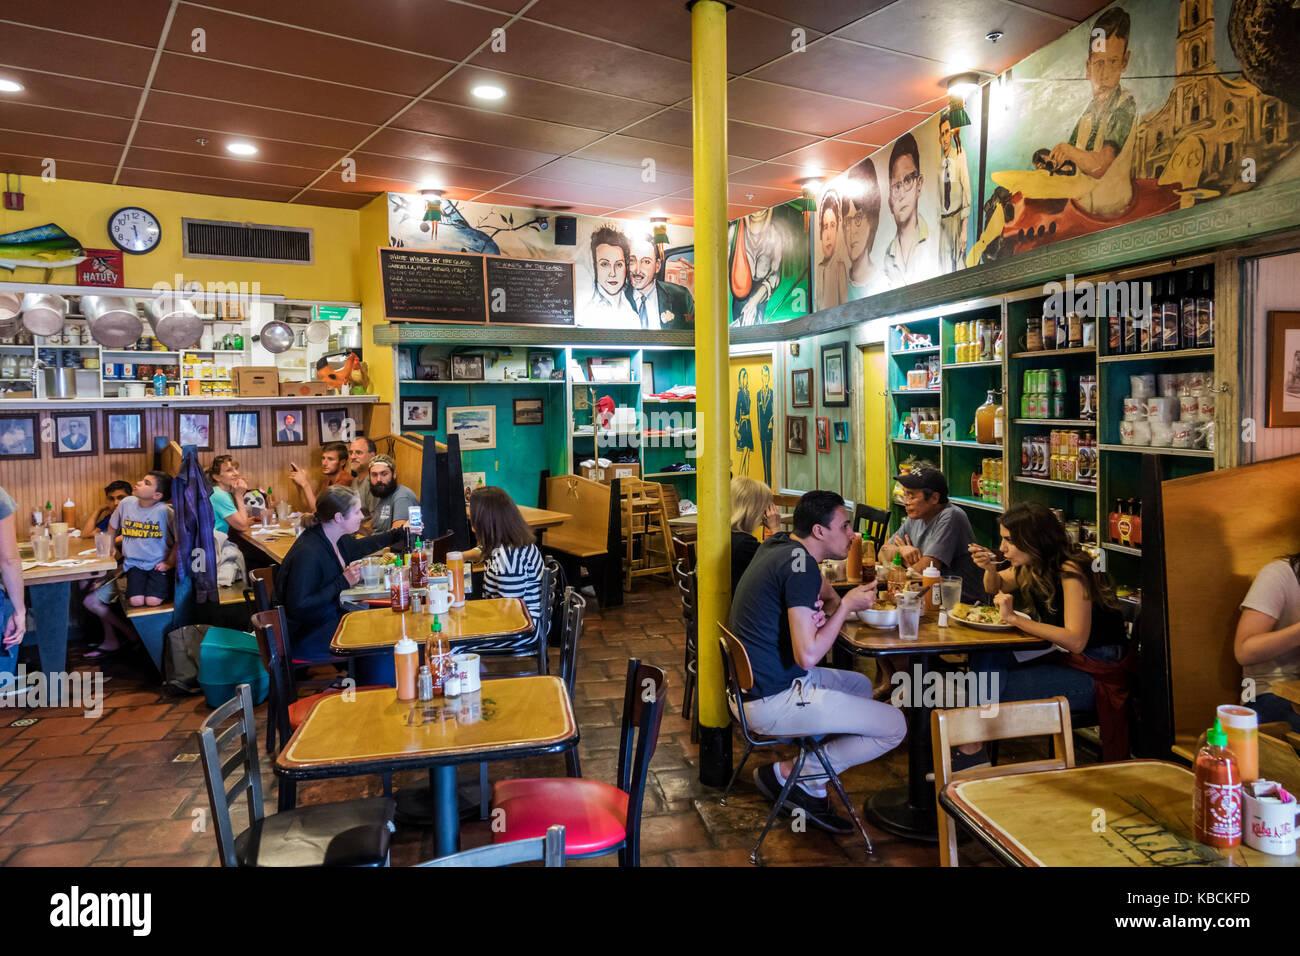 Cuban people eating stock photos